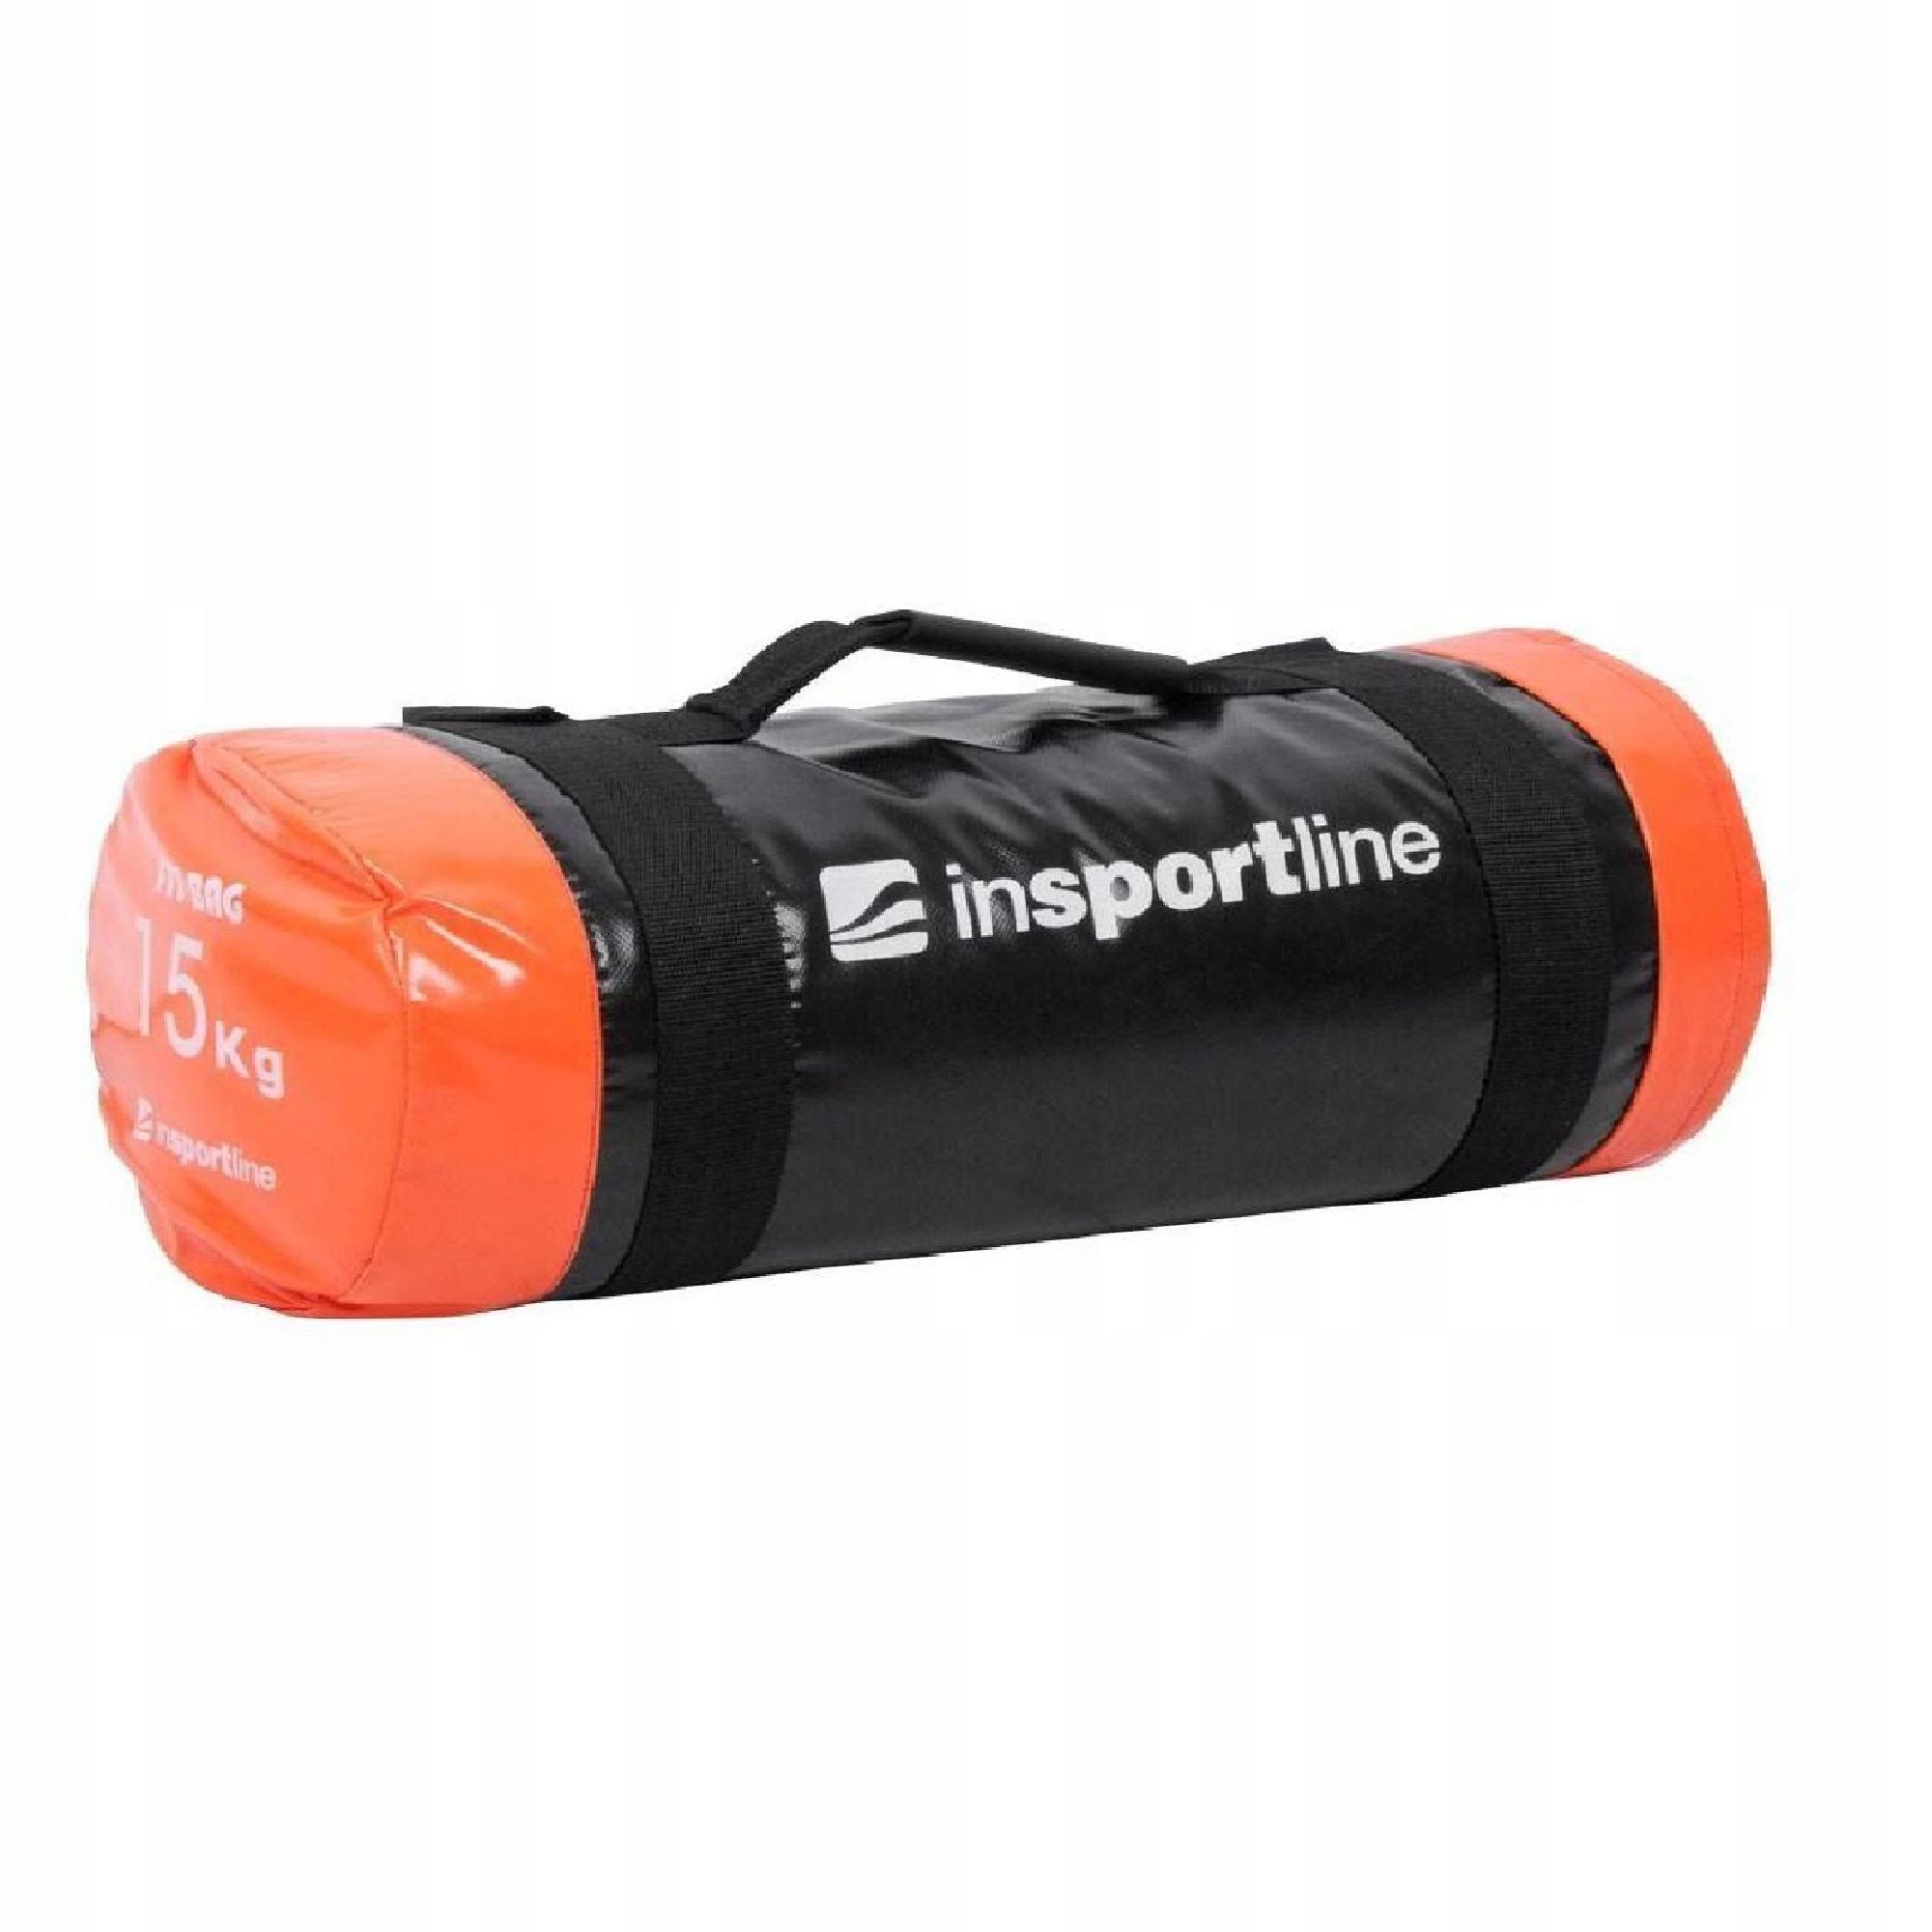 Fitness 15 kg vak INSPORTLINE FitBag